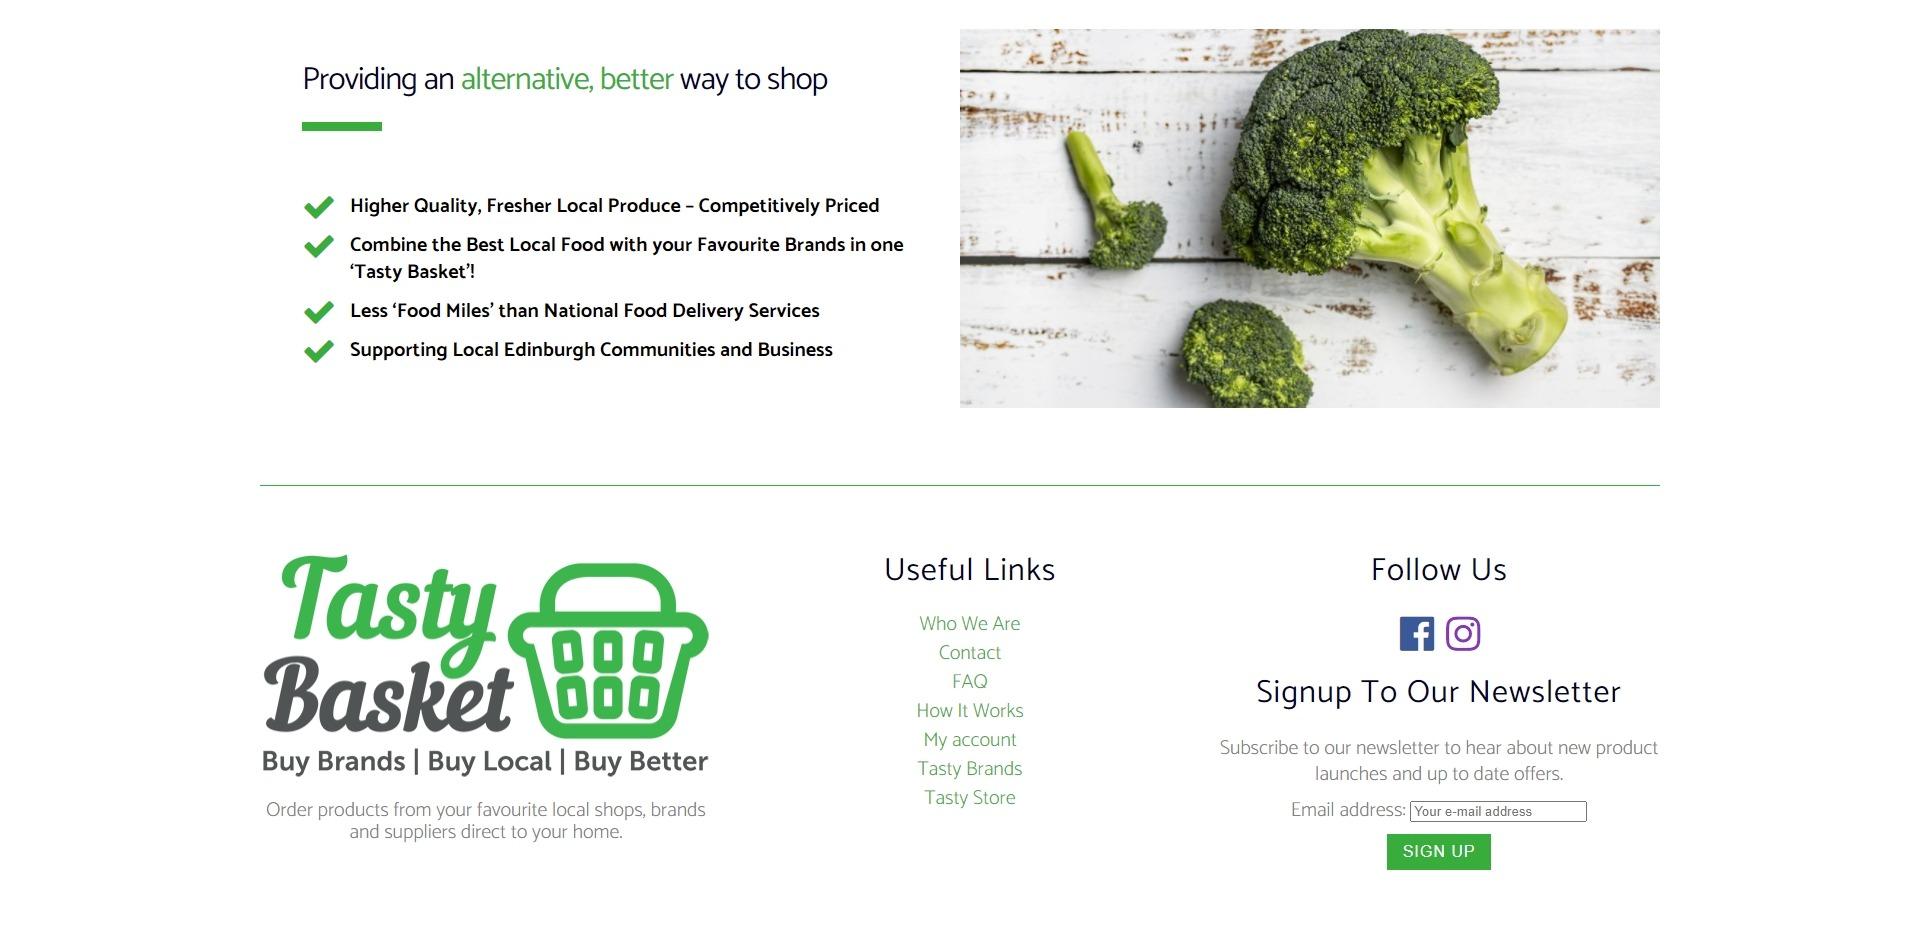 Tasty Basket Website Design Footer